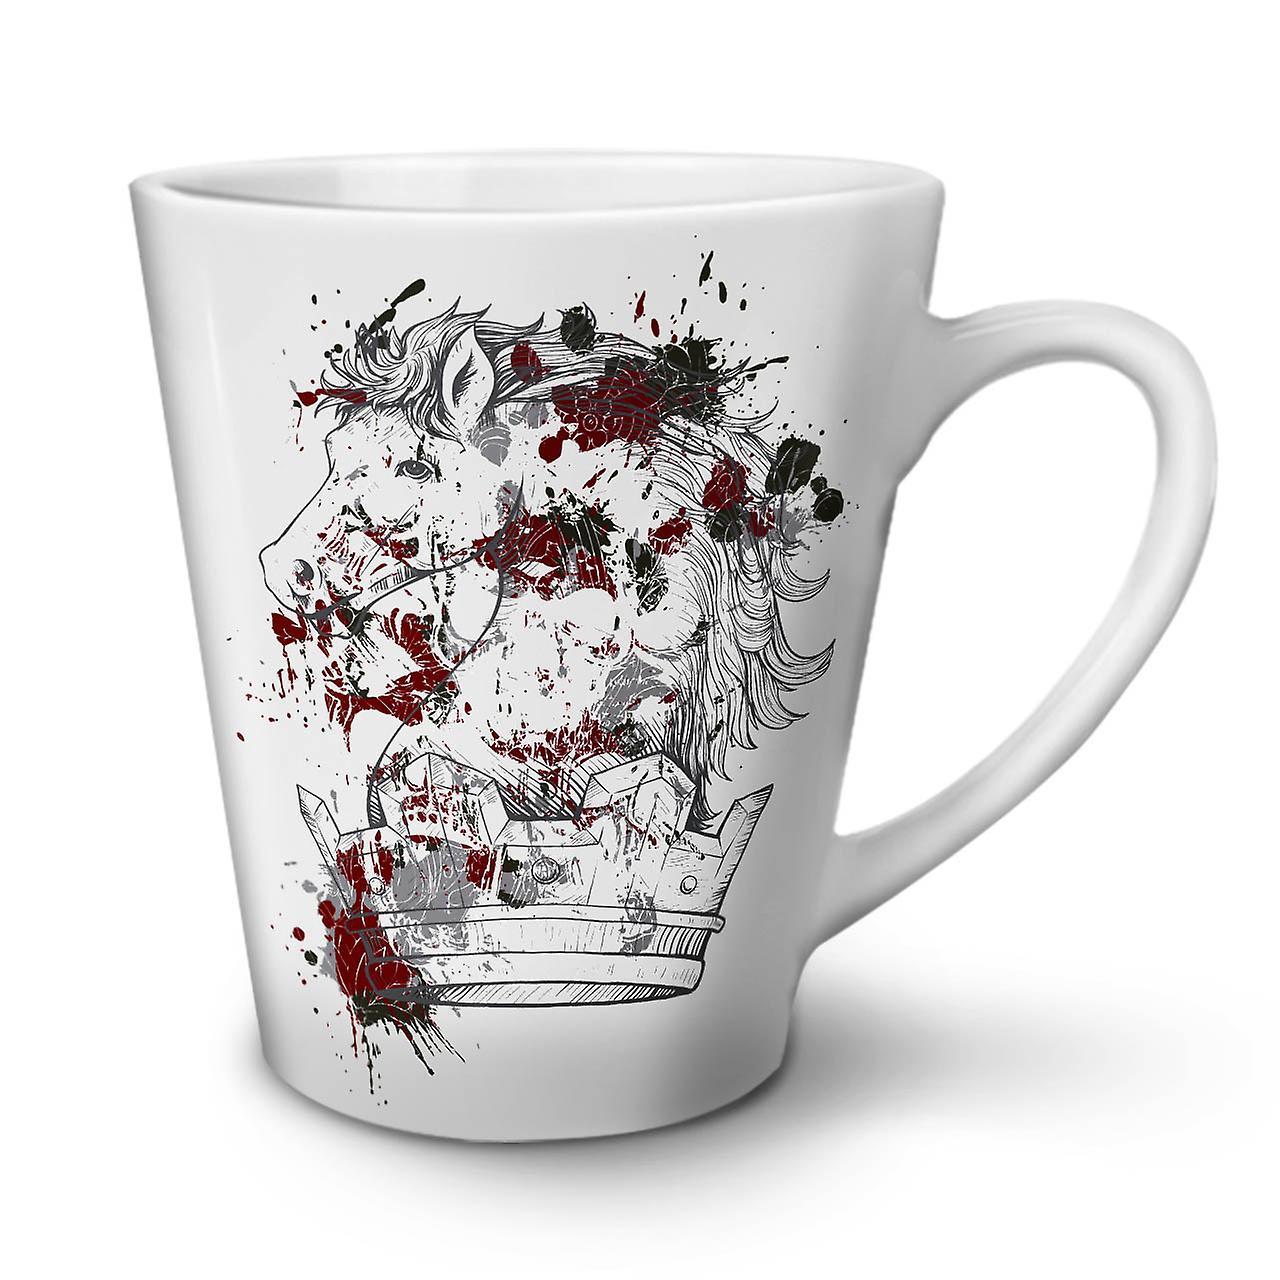 Nouveau OzWellcoda Mug Cheval Blanc Thé 12 Café De Sang Roi Latte Céramique Horreur En 4L35AjR